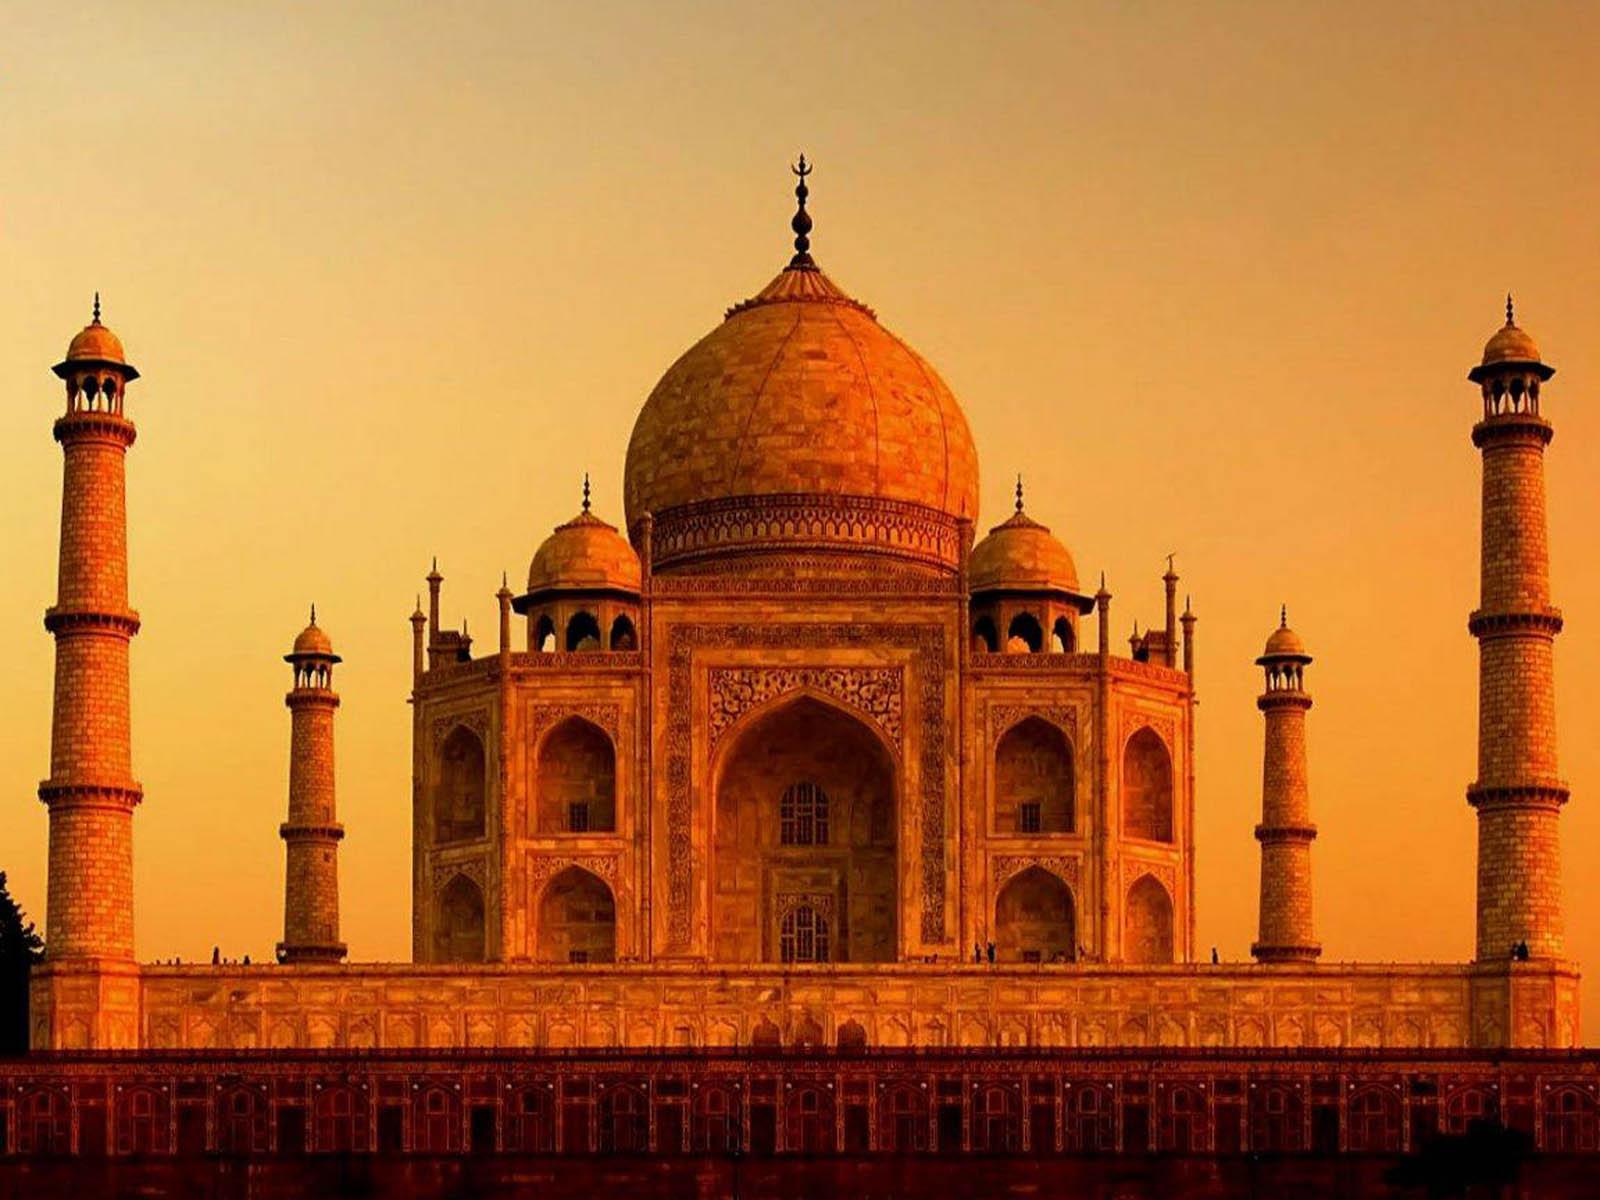 Wallpapers: Taj Mahal Wallpapers